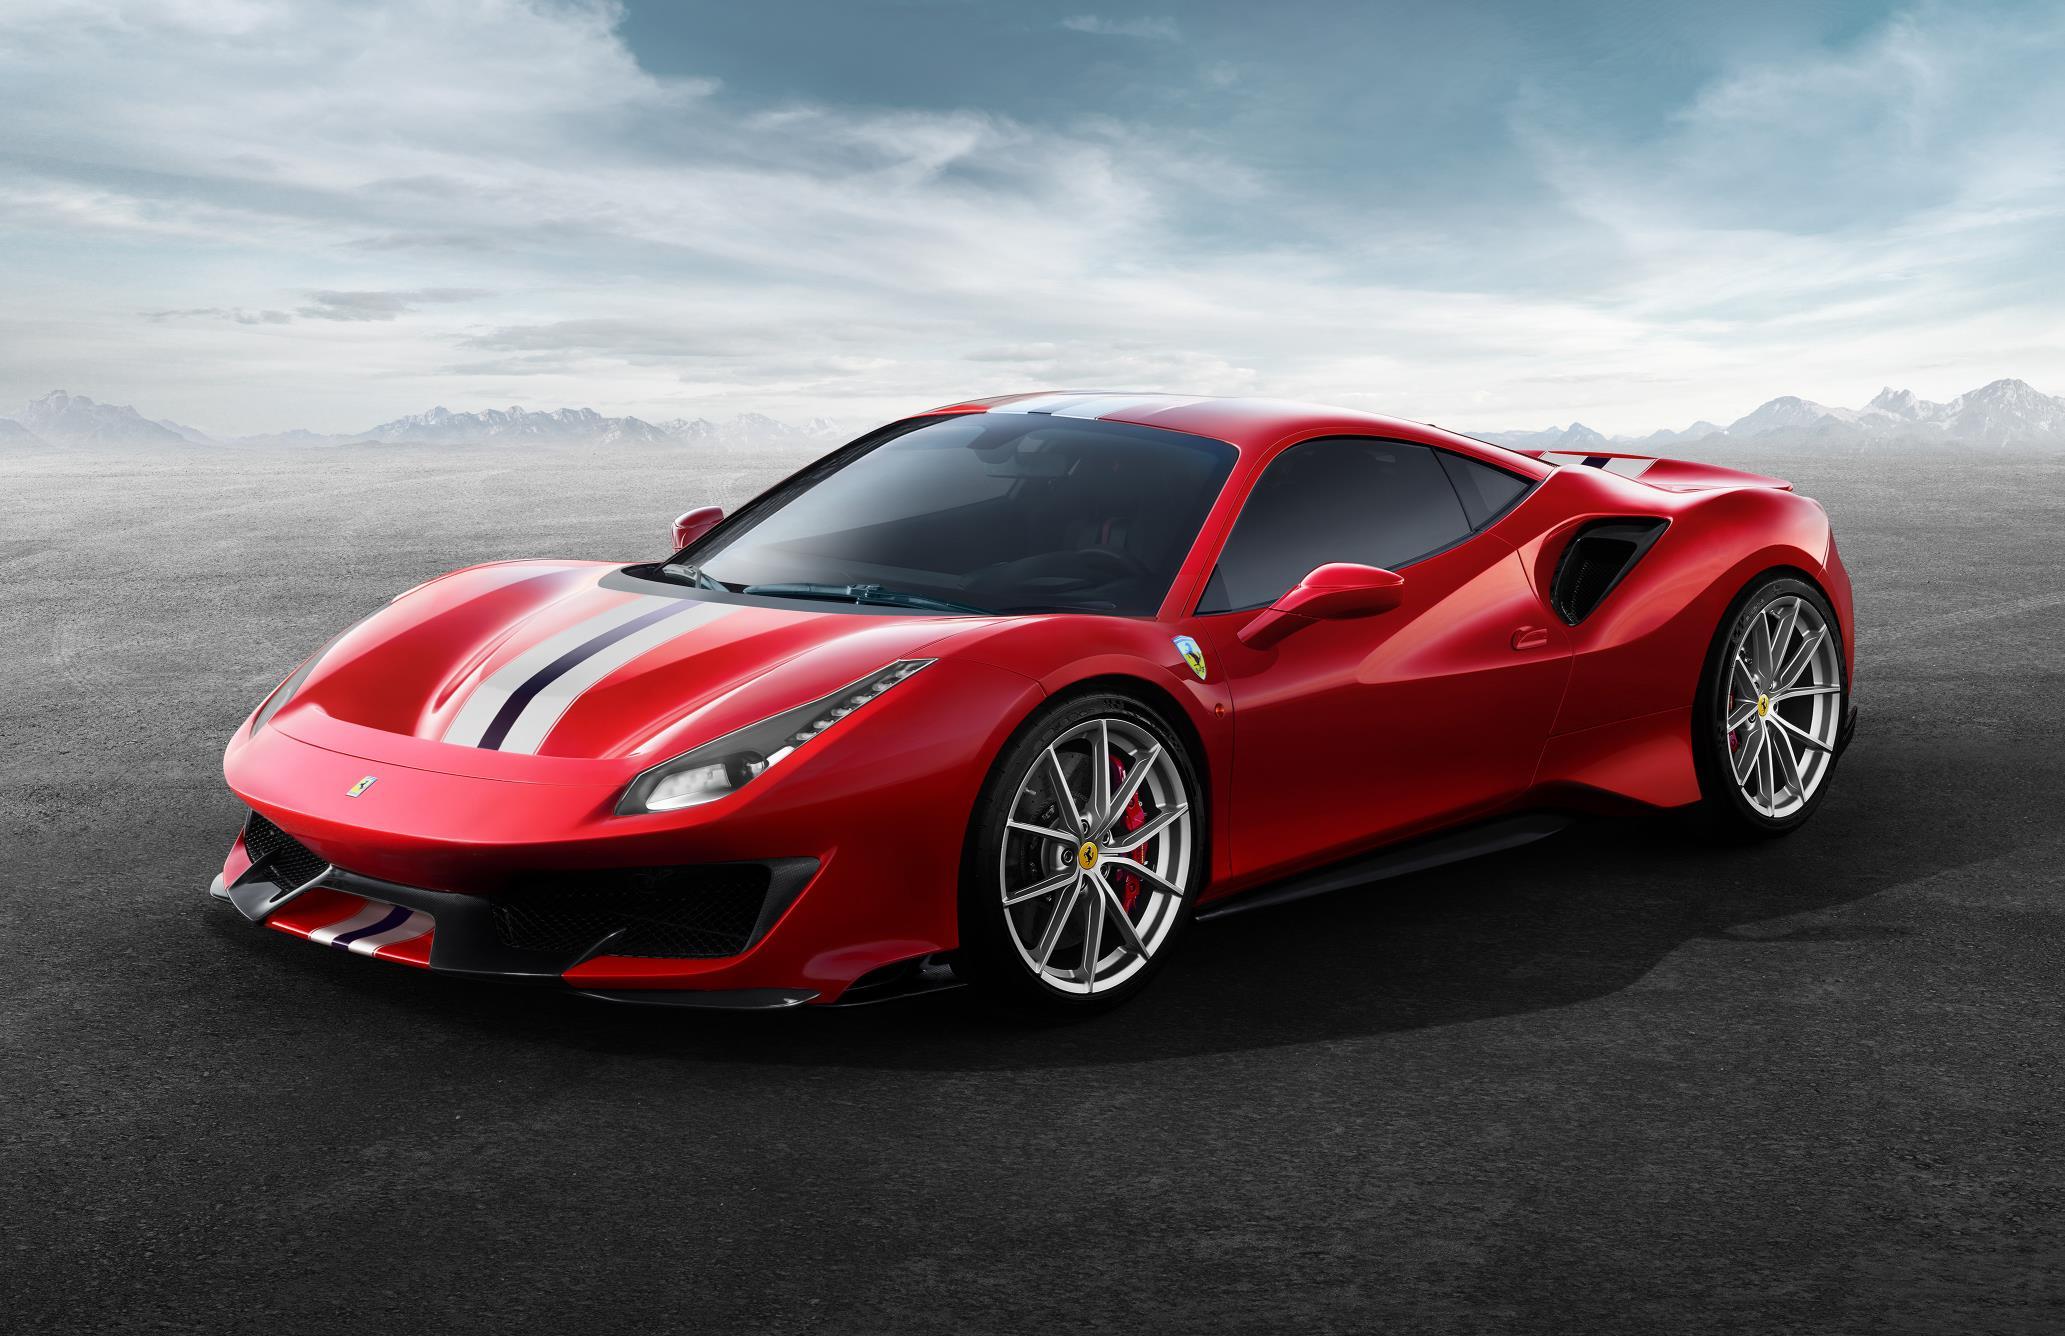 Llega El Nuevo Ferrari 488 Pista Lo Más Radical De Maranello Lifestyle Motor